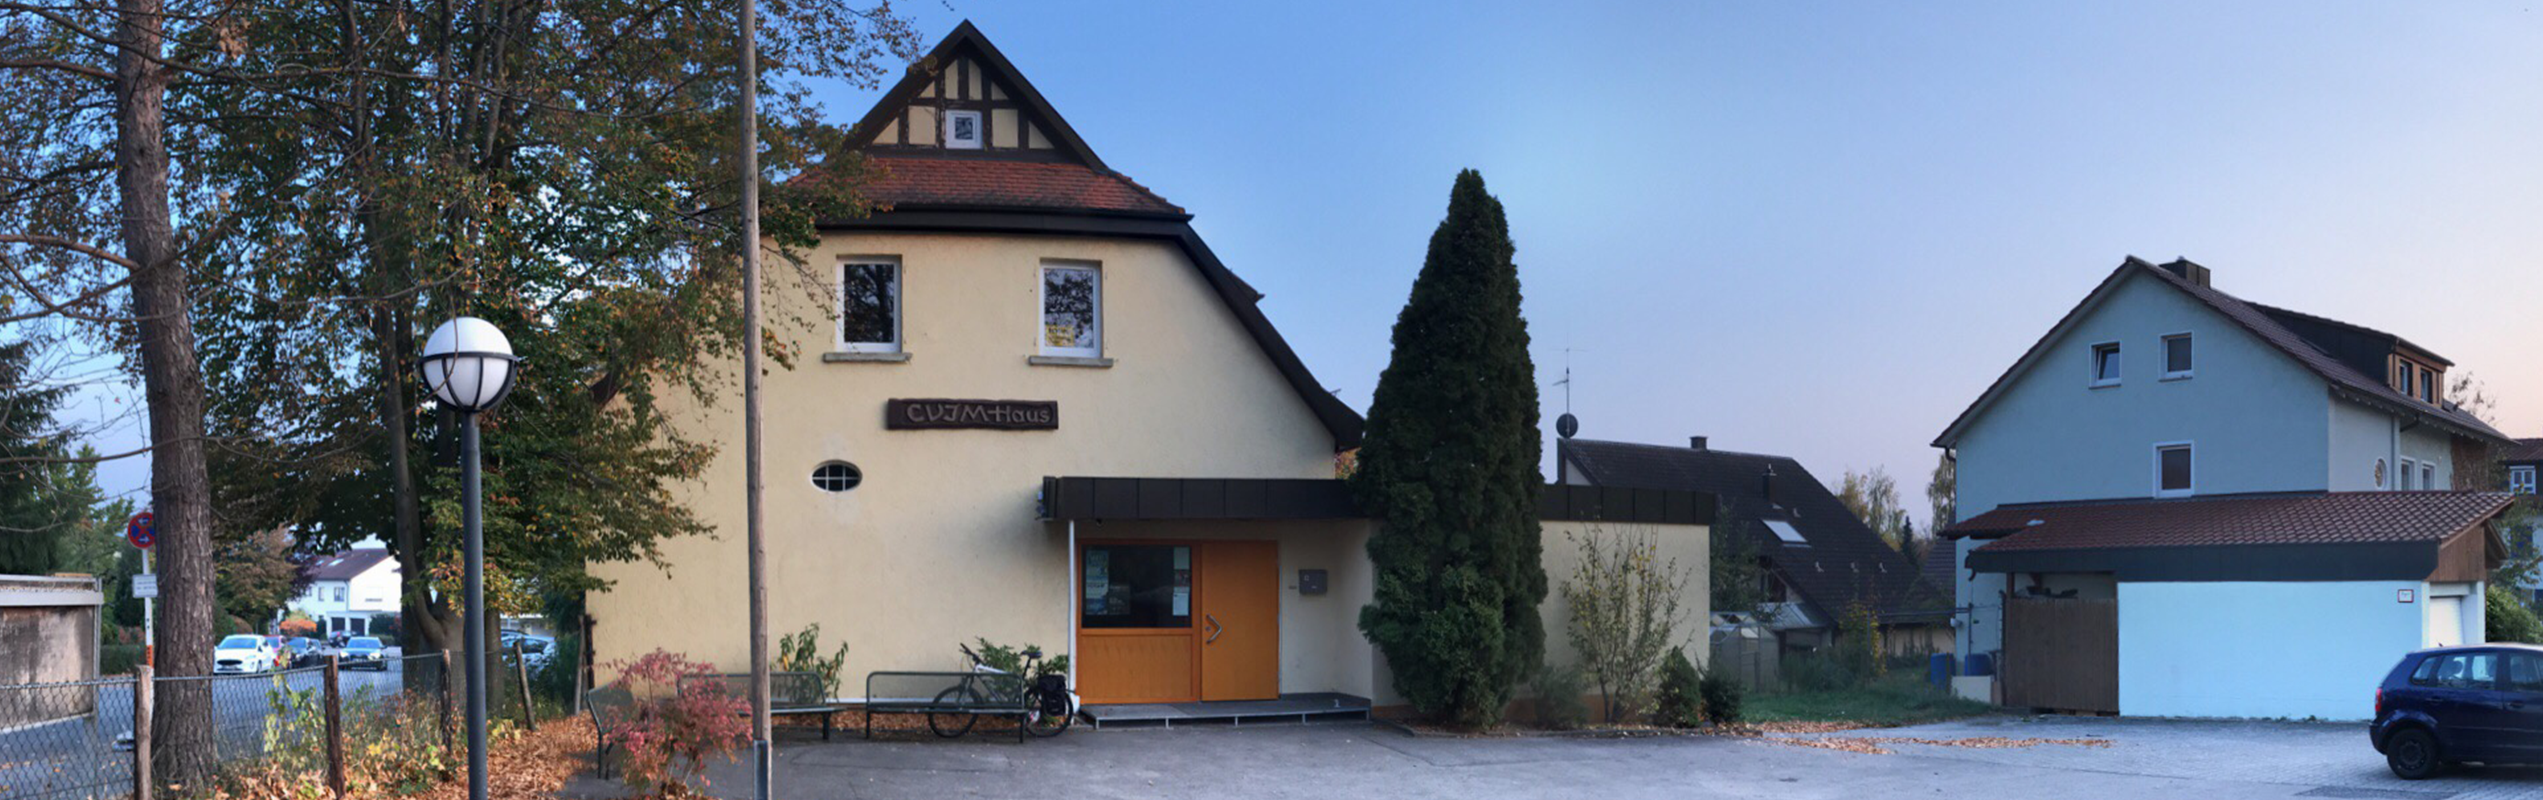 CVJM Herrenberg e.V.